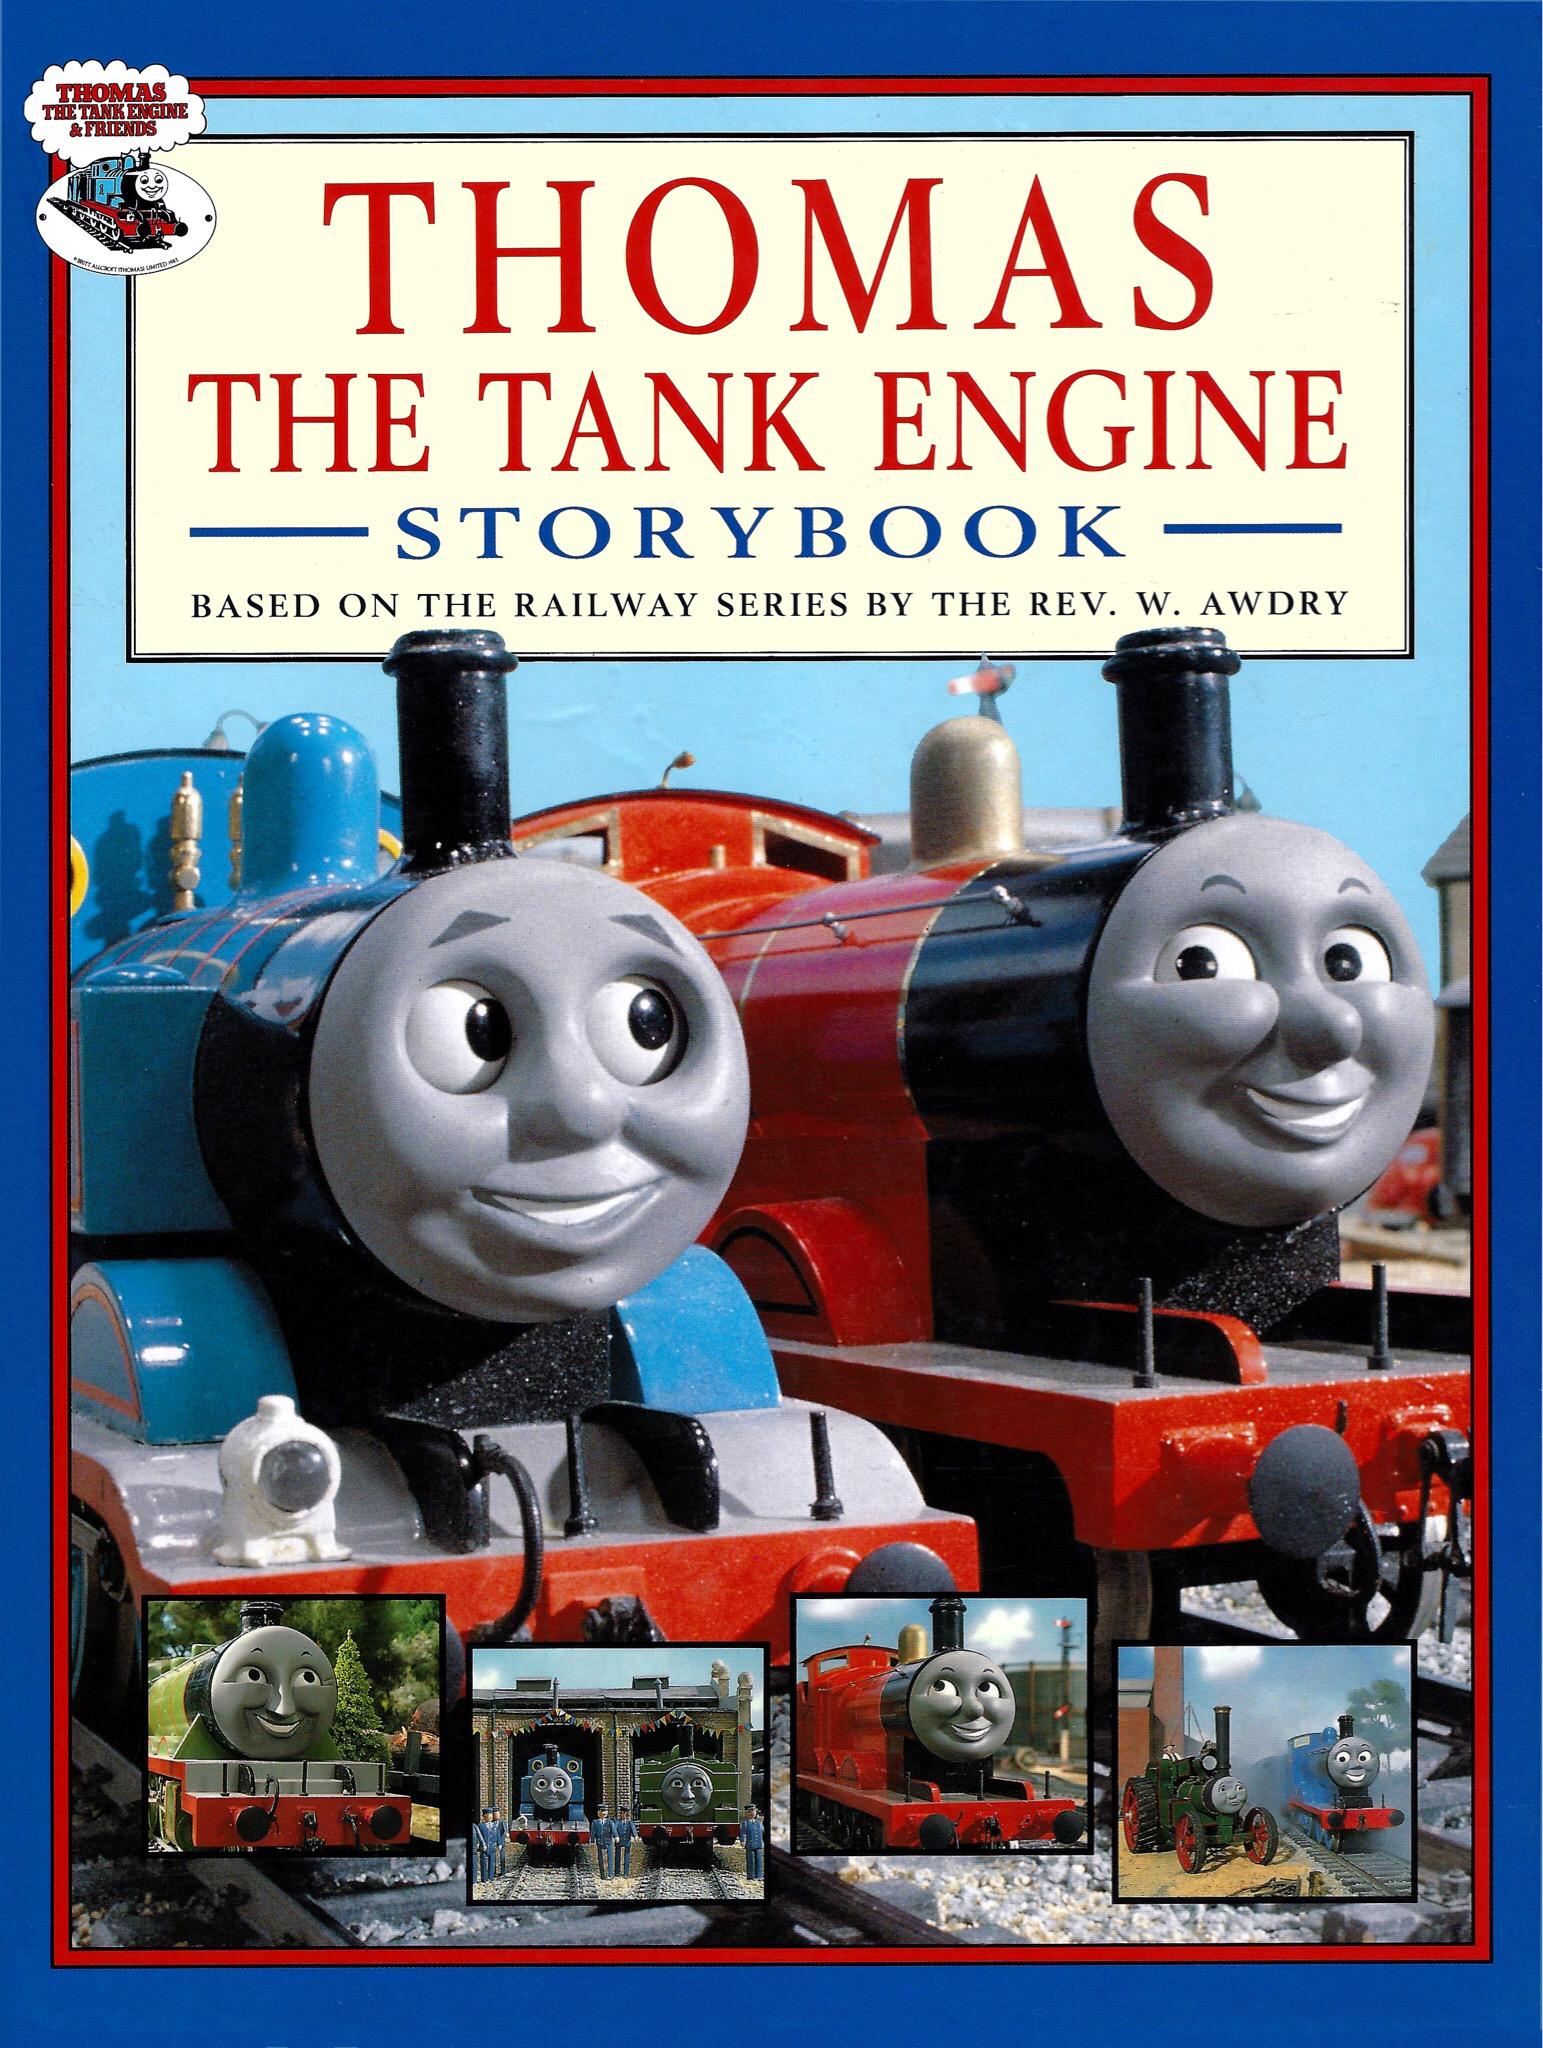 Thomas the Tank Engine Storybook | Thomas the Tank Engine ...